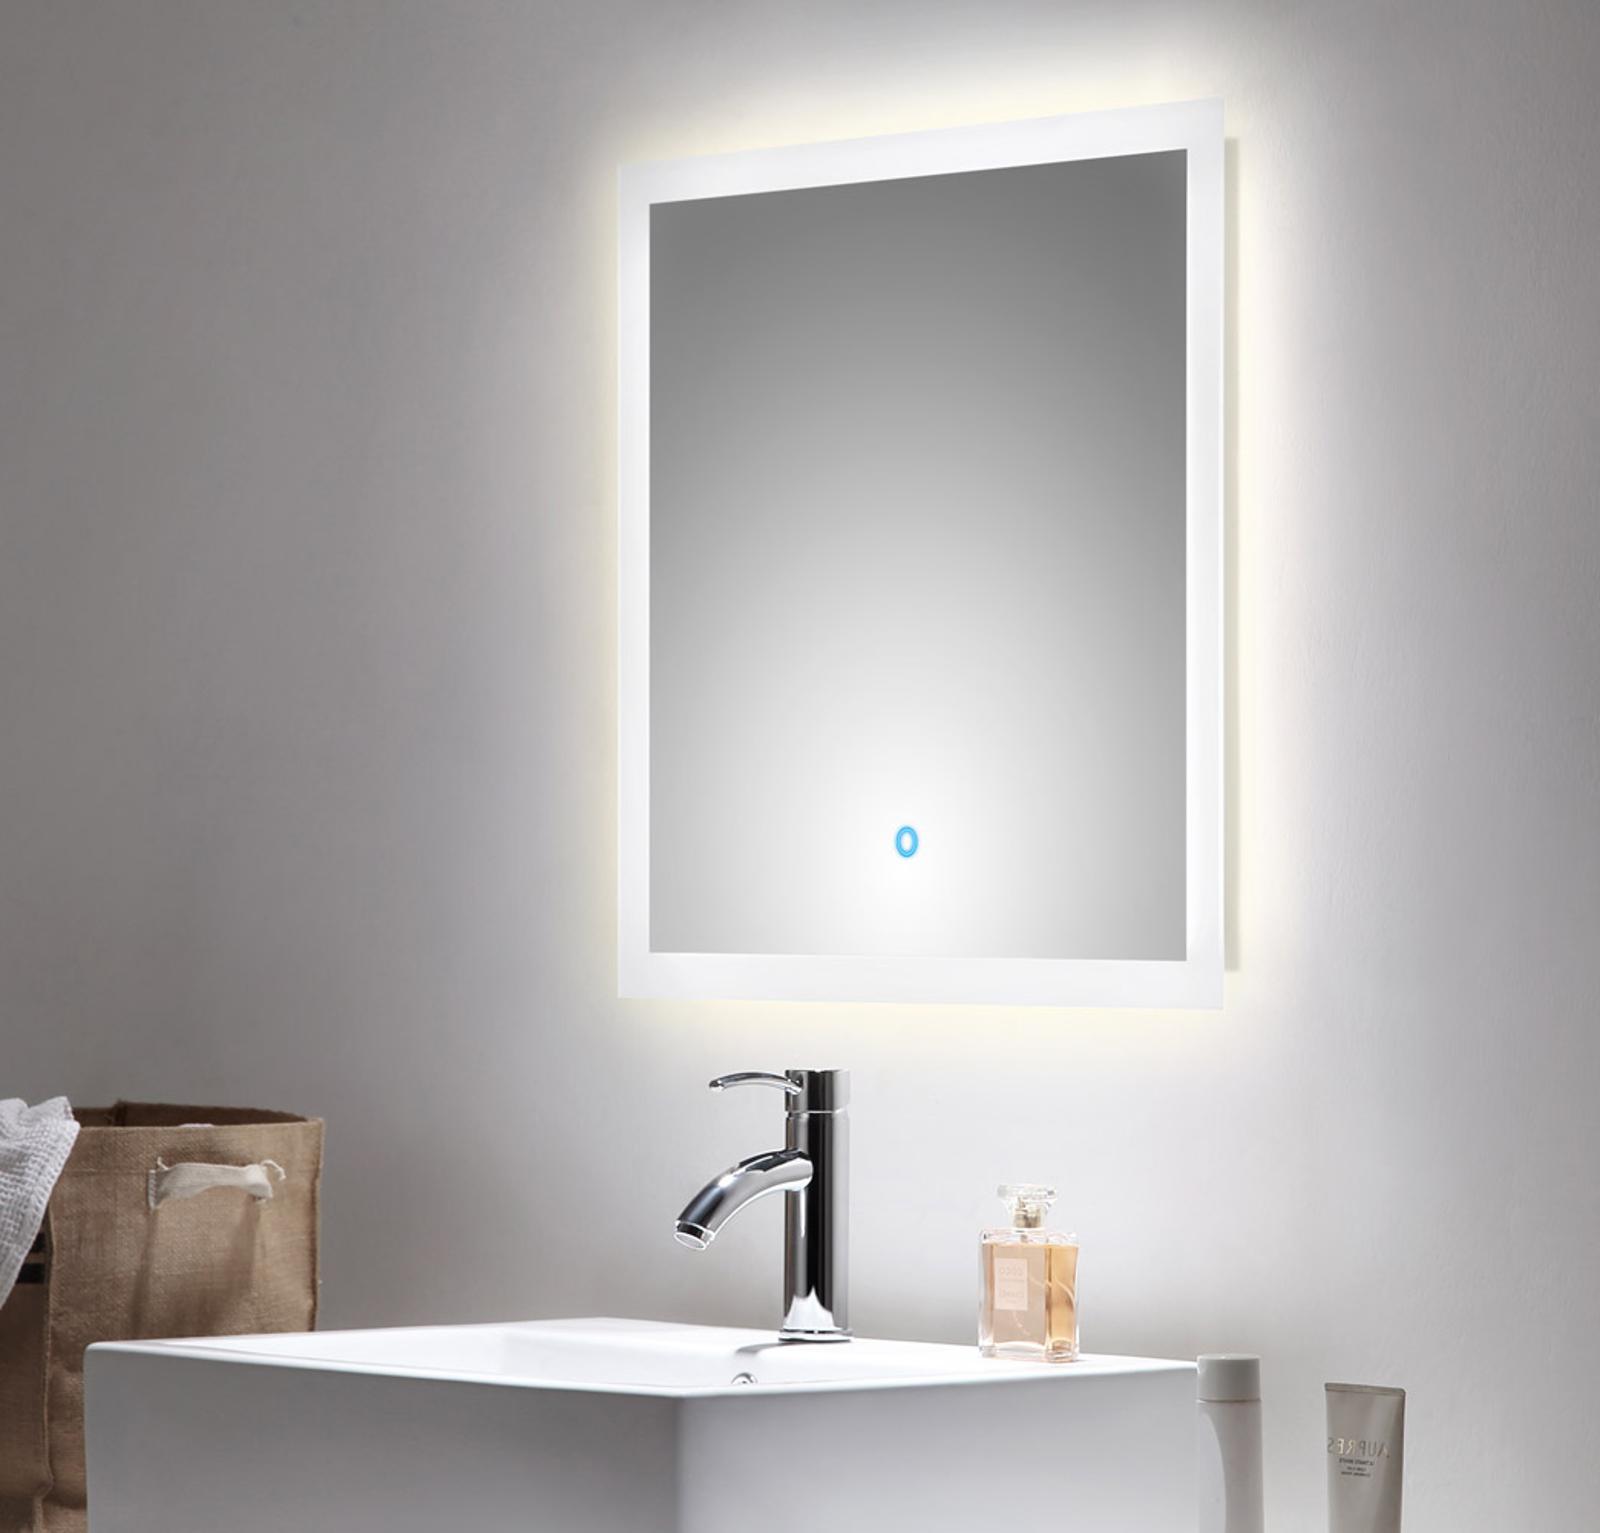 Bad spiegel levia mit led touch steuerung 60 cm breit for Spiegel id